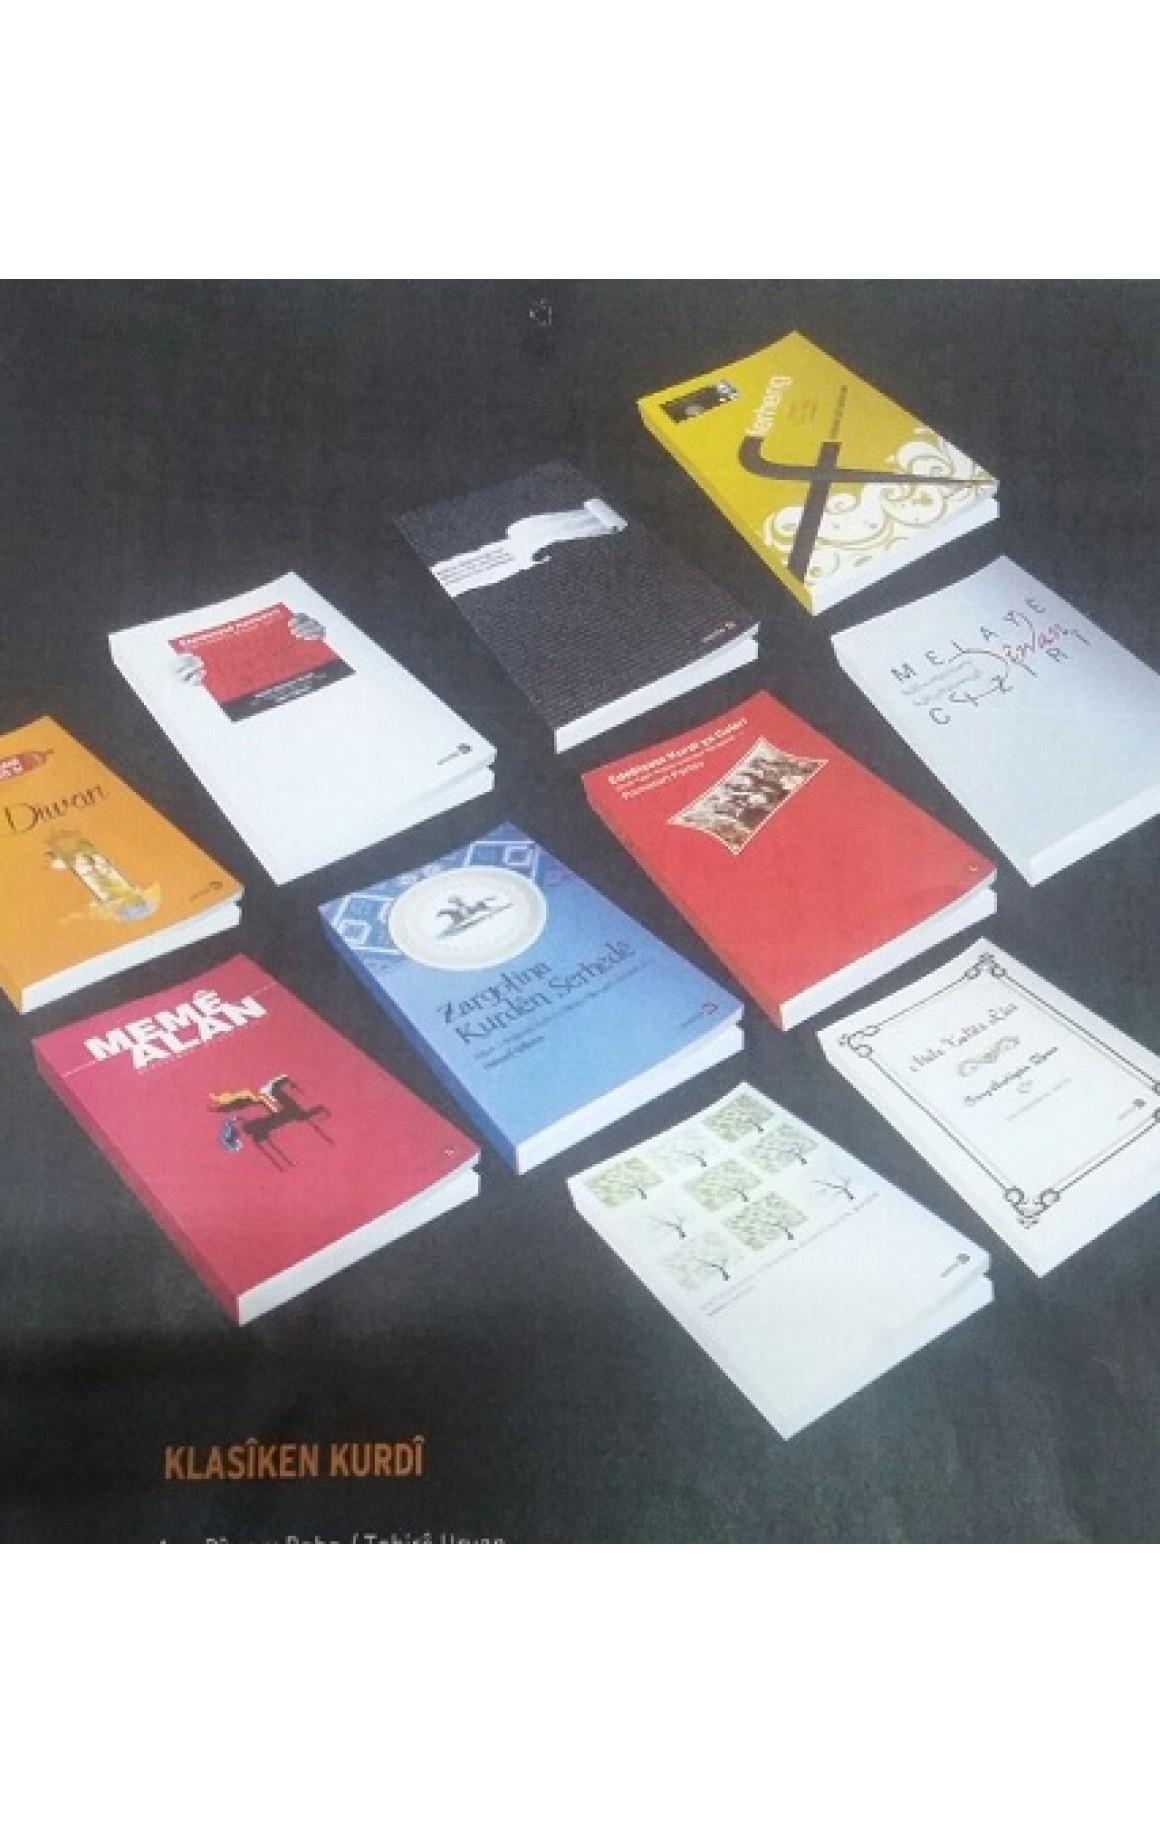 Avesta Yayınları Klasikên Kurdî Seti